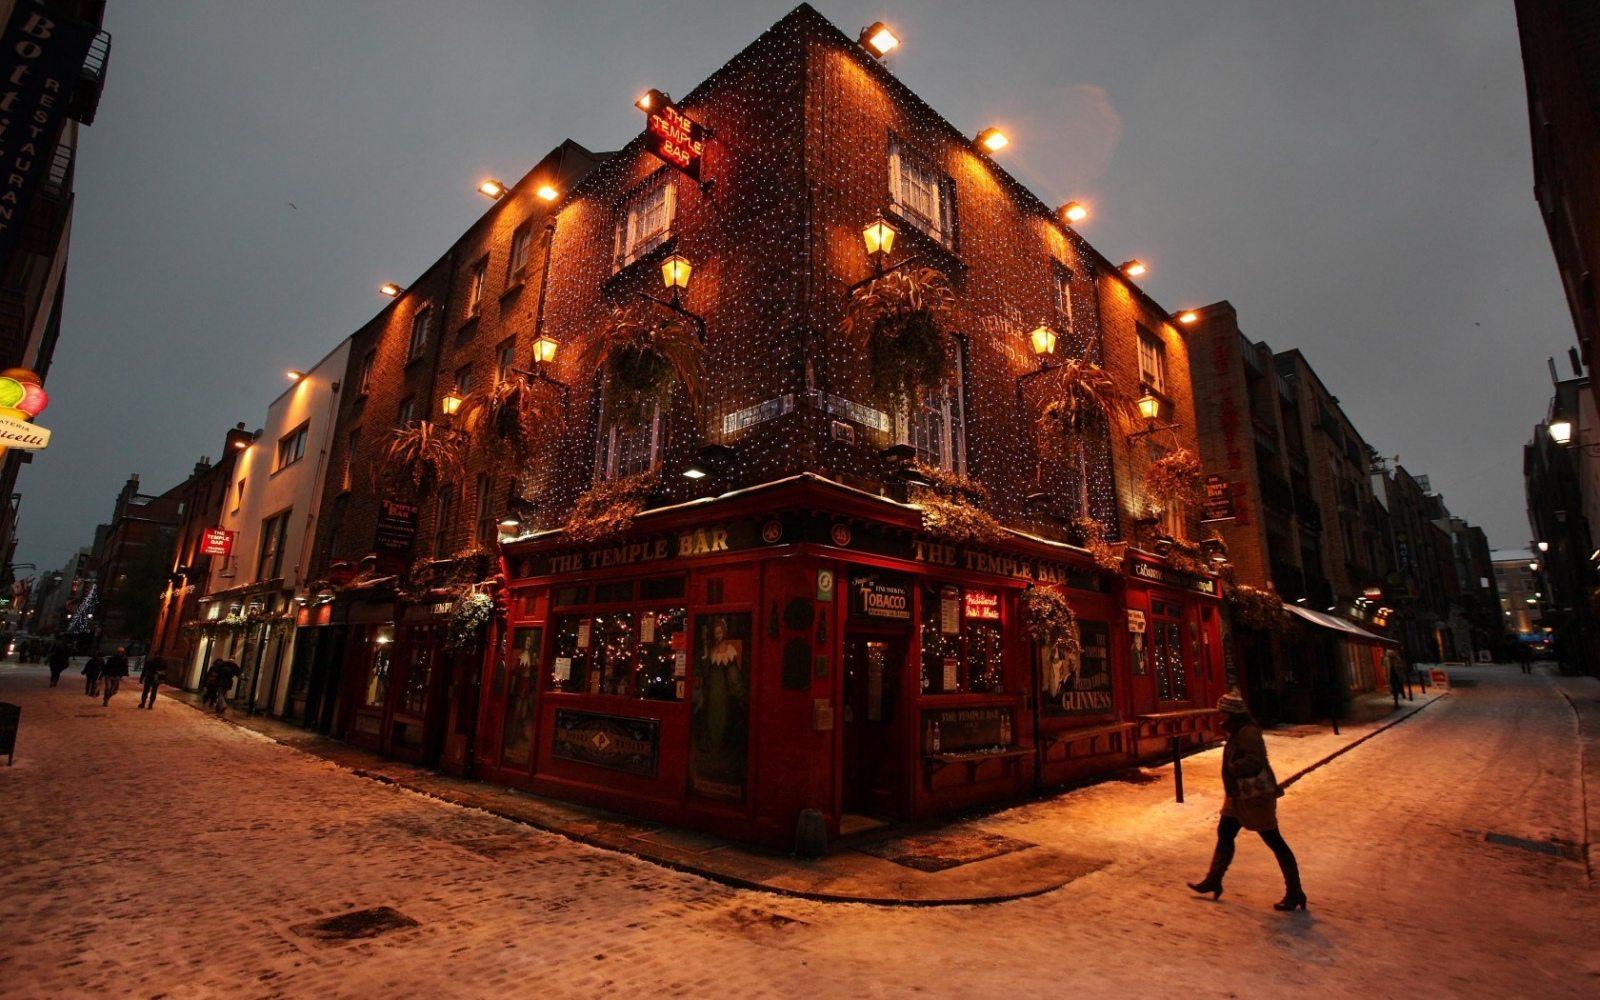 Temple Bar in December